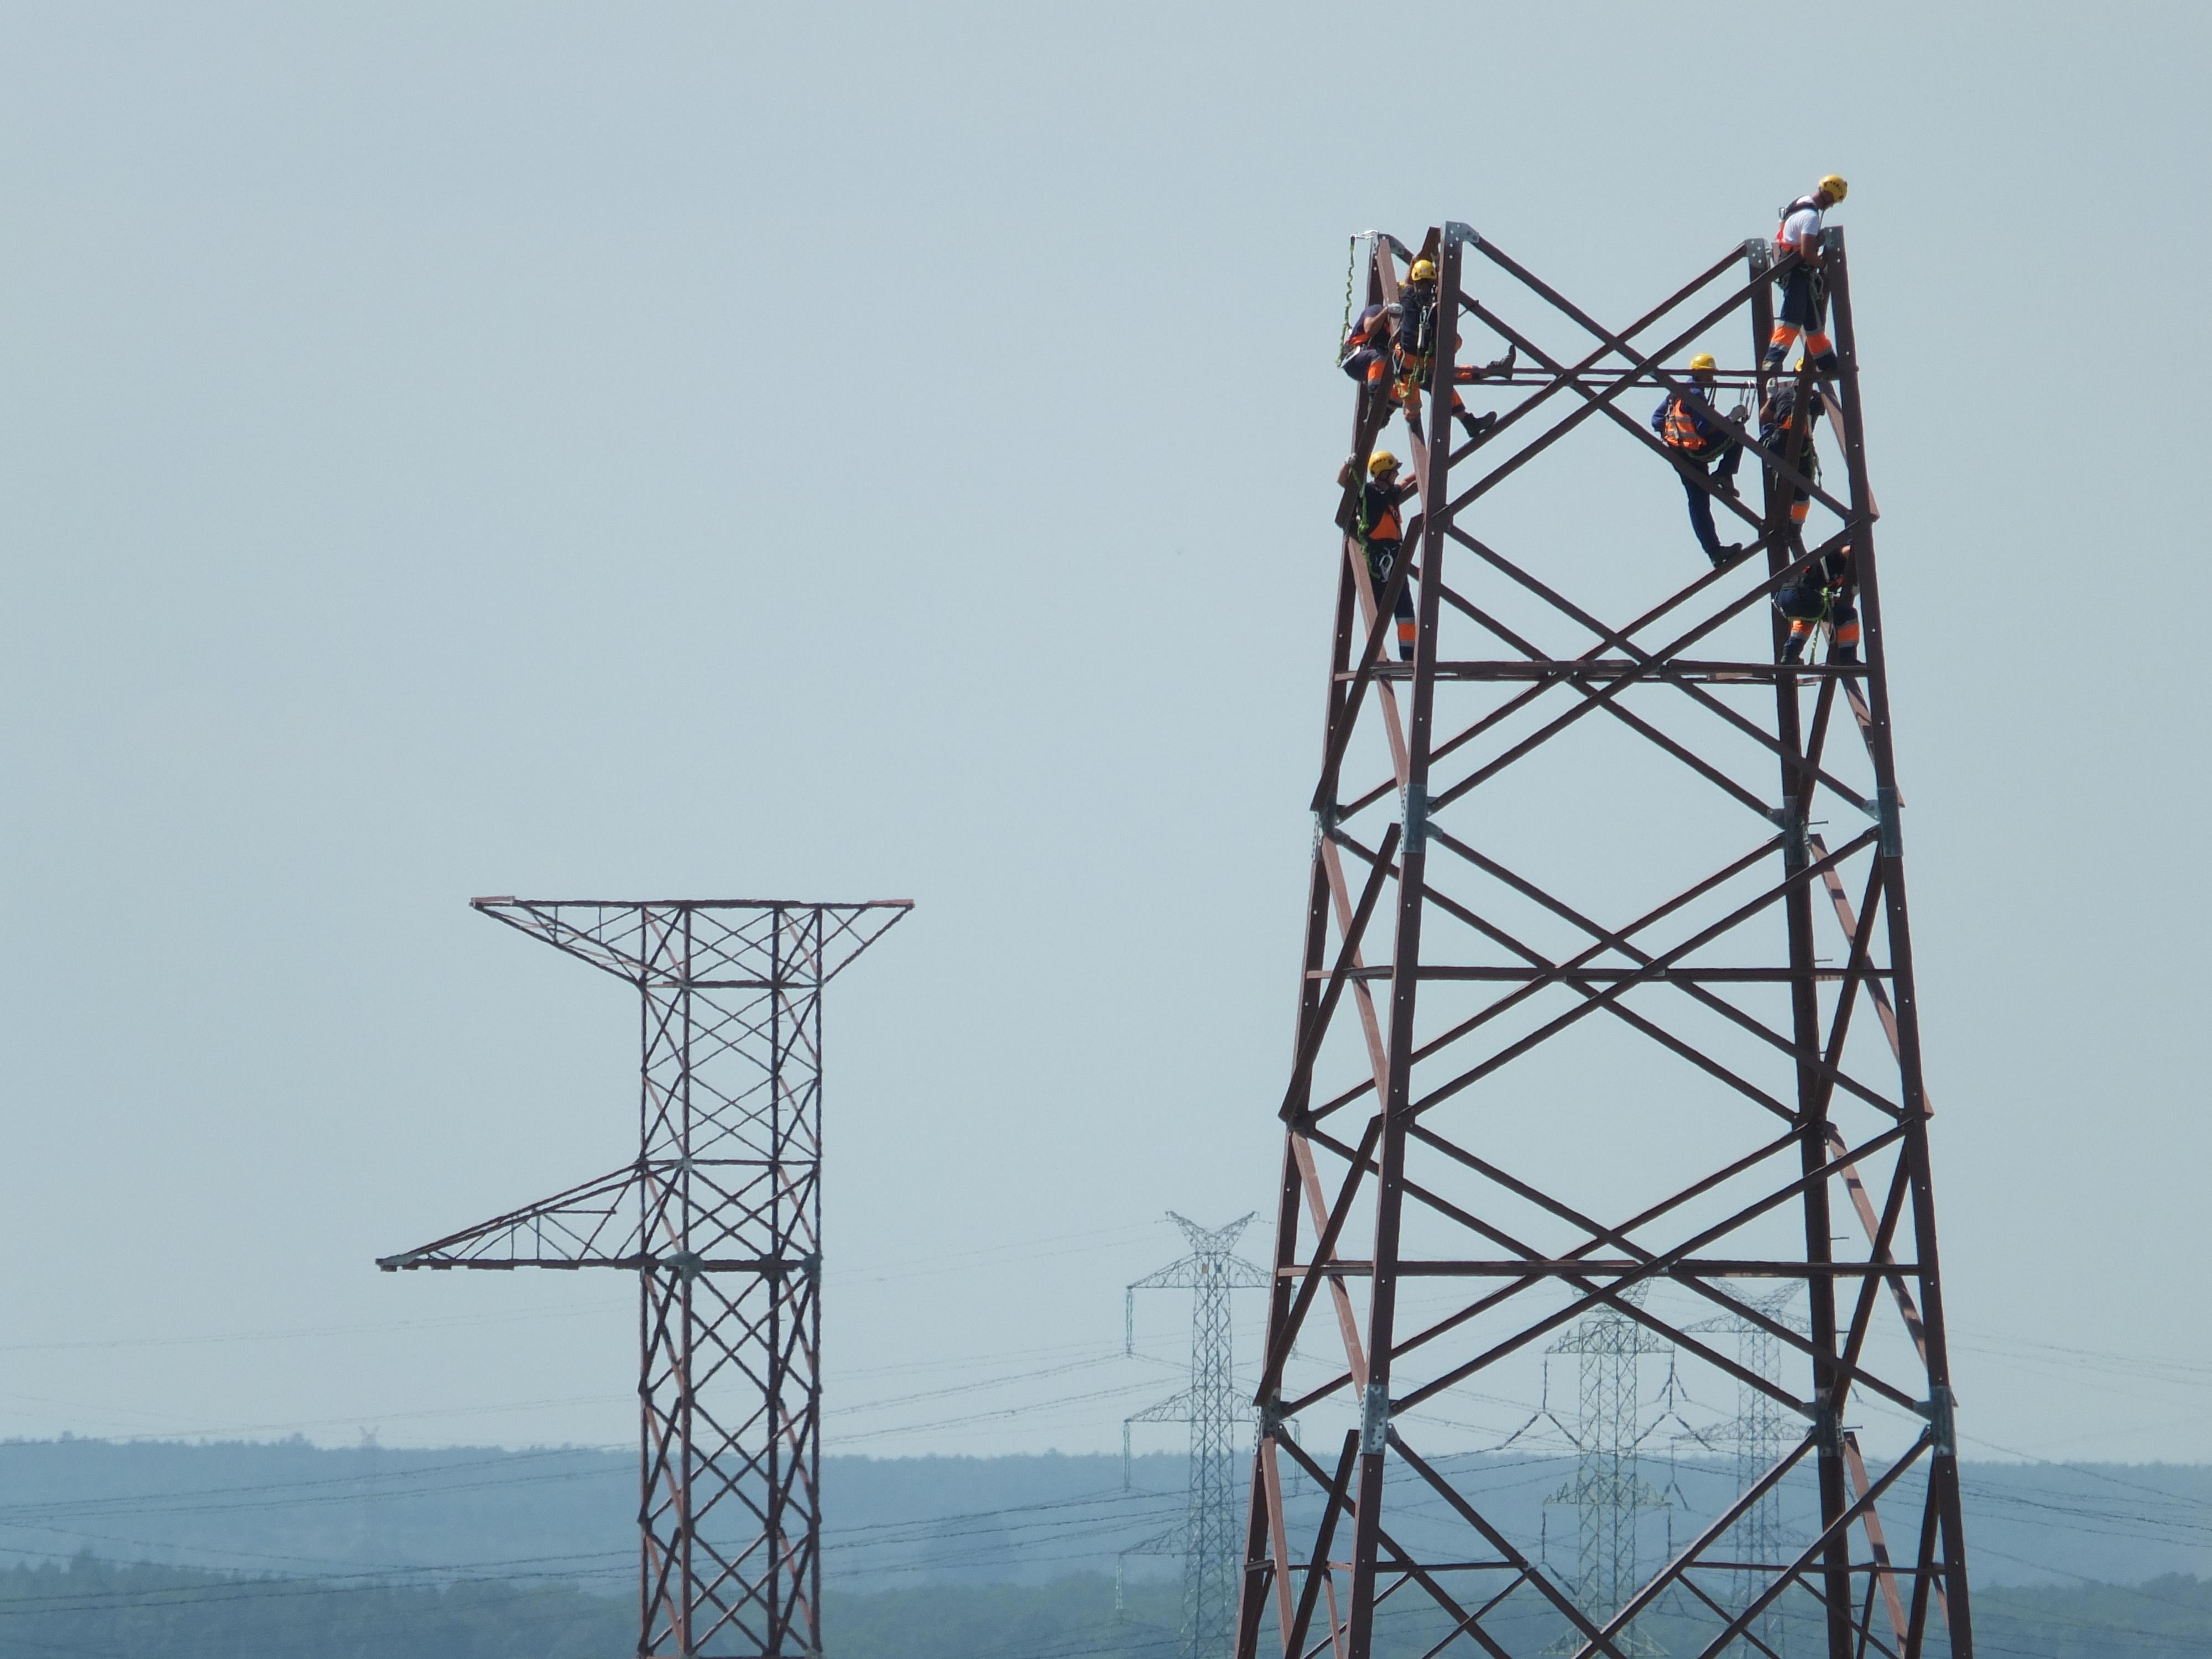 Montaż słupów energetycznych. Fot. PGE